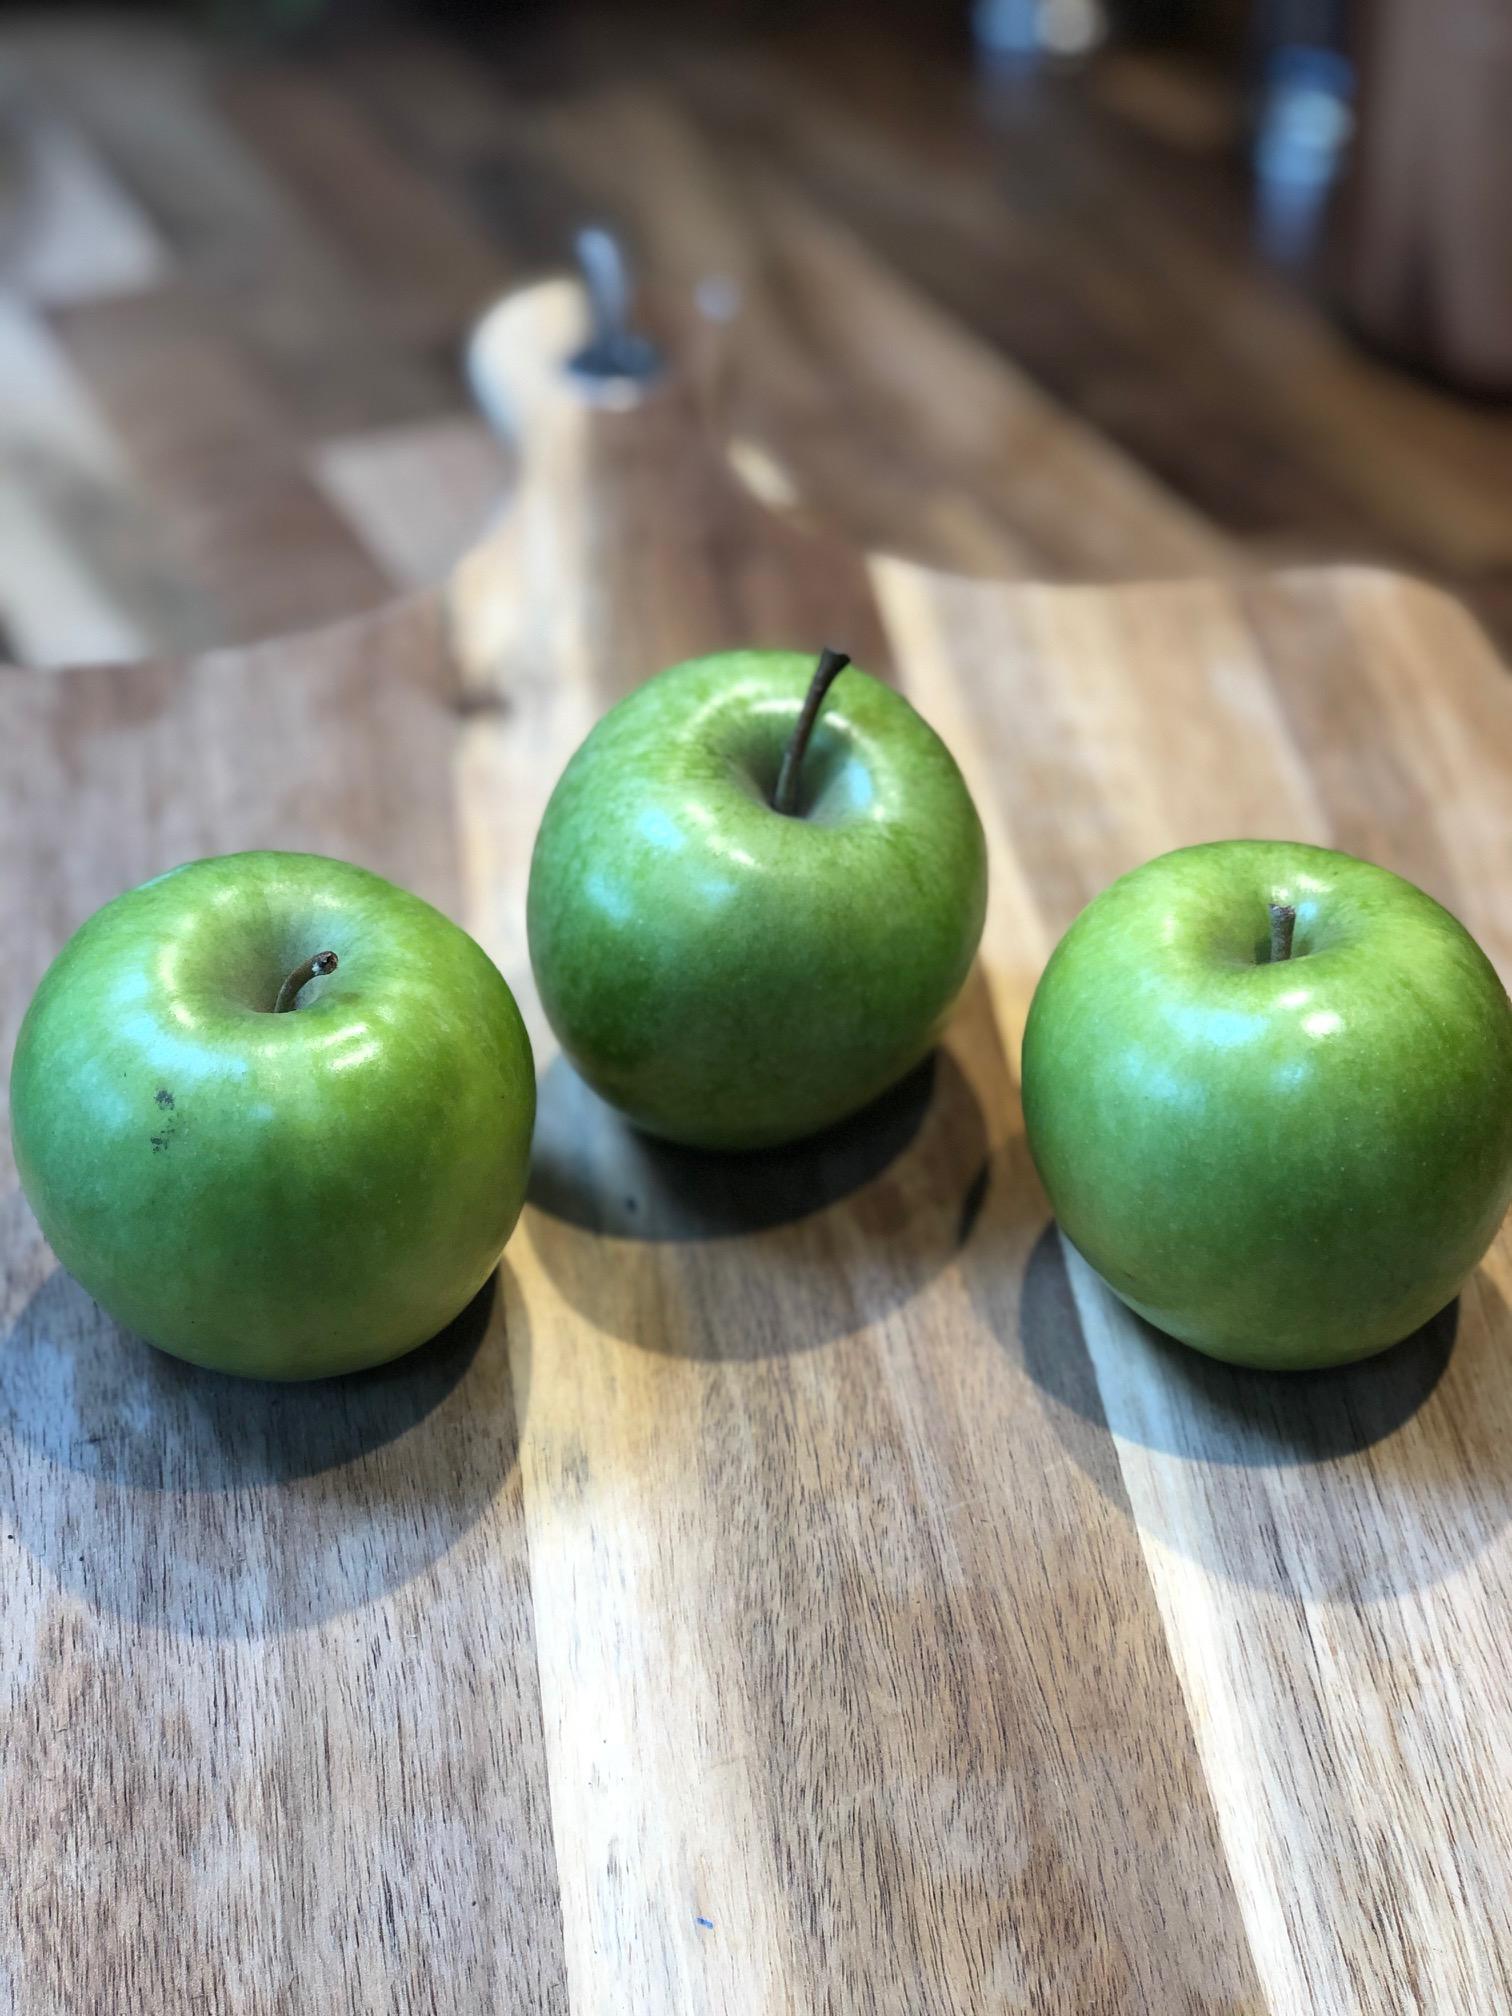 Fruit - Green Apples